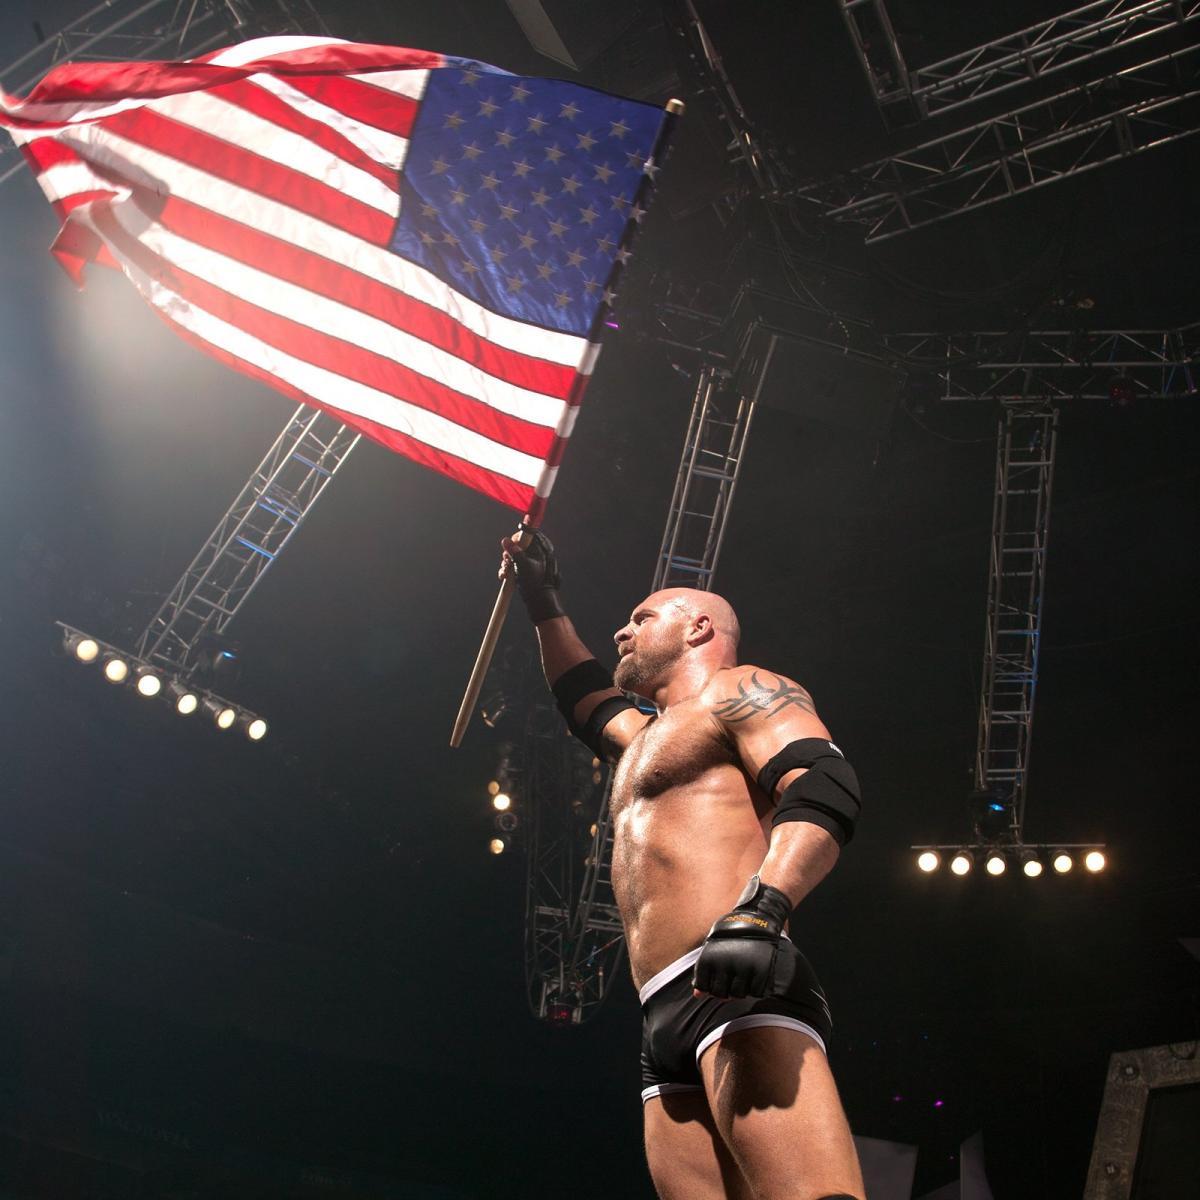 Happy Birthday America #4thofJuly (@Goldberg) https://t.co/V4cxjJC5HO